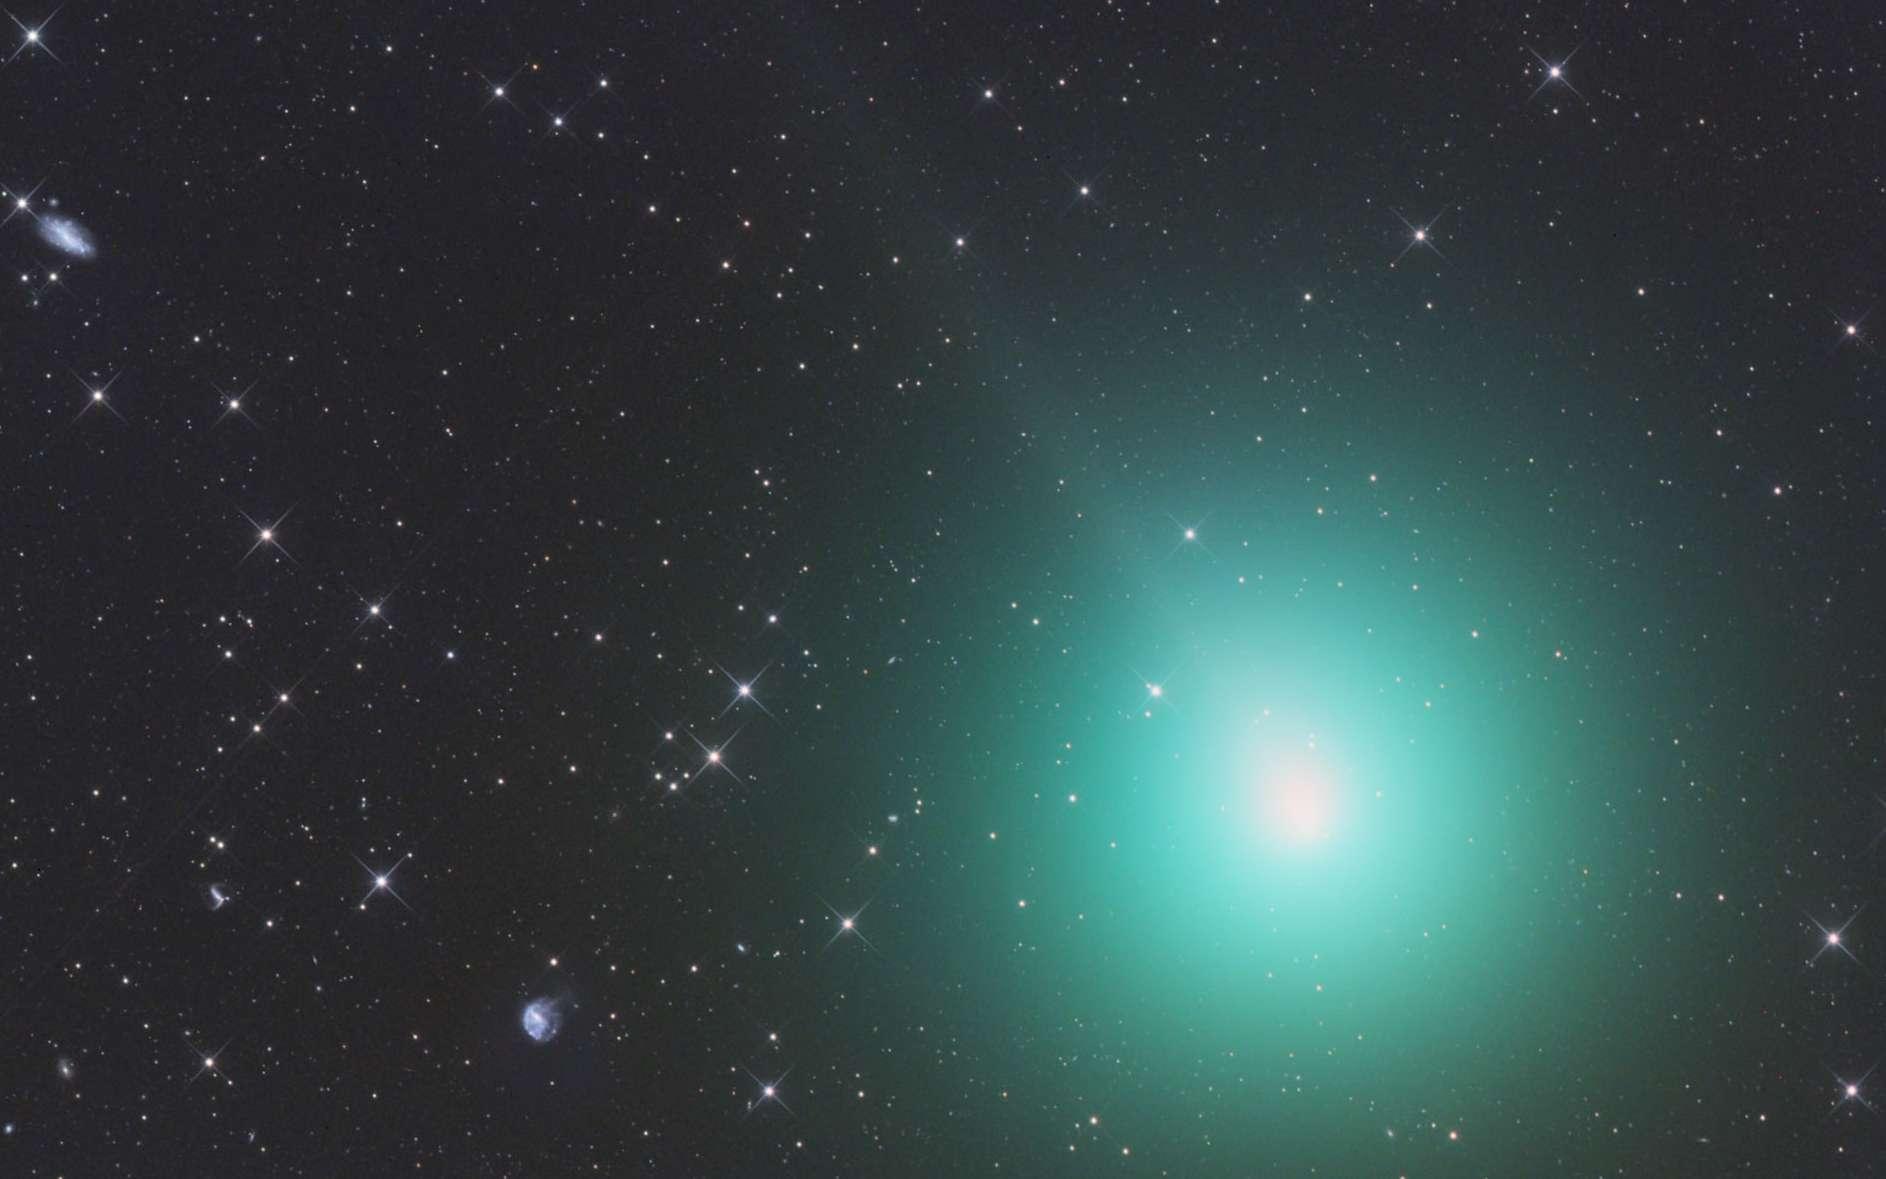 La comète 46P/Wirtanen photographiée le 26 novembre 2018. © avec la permission de Gerald Rhemann